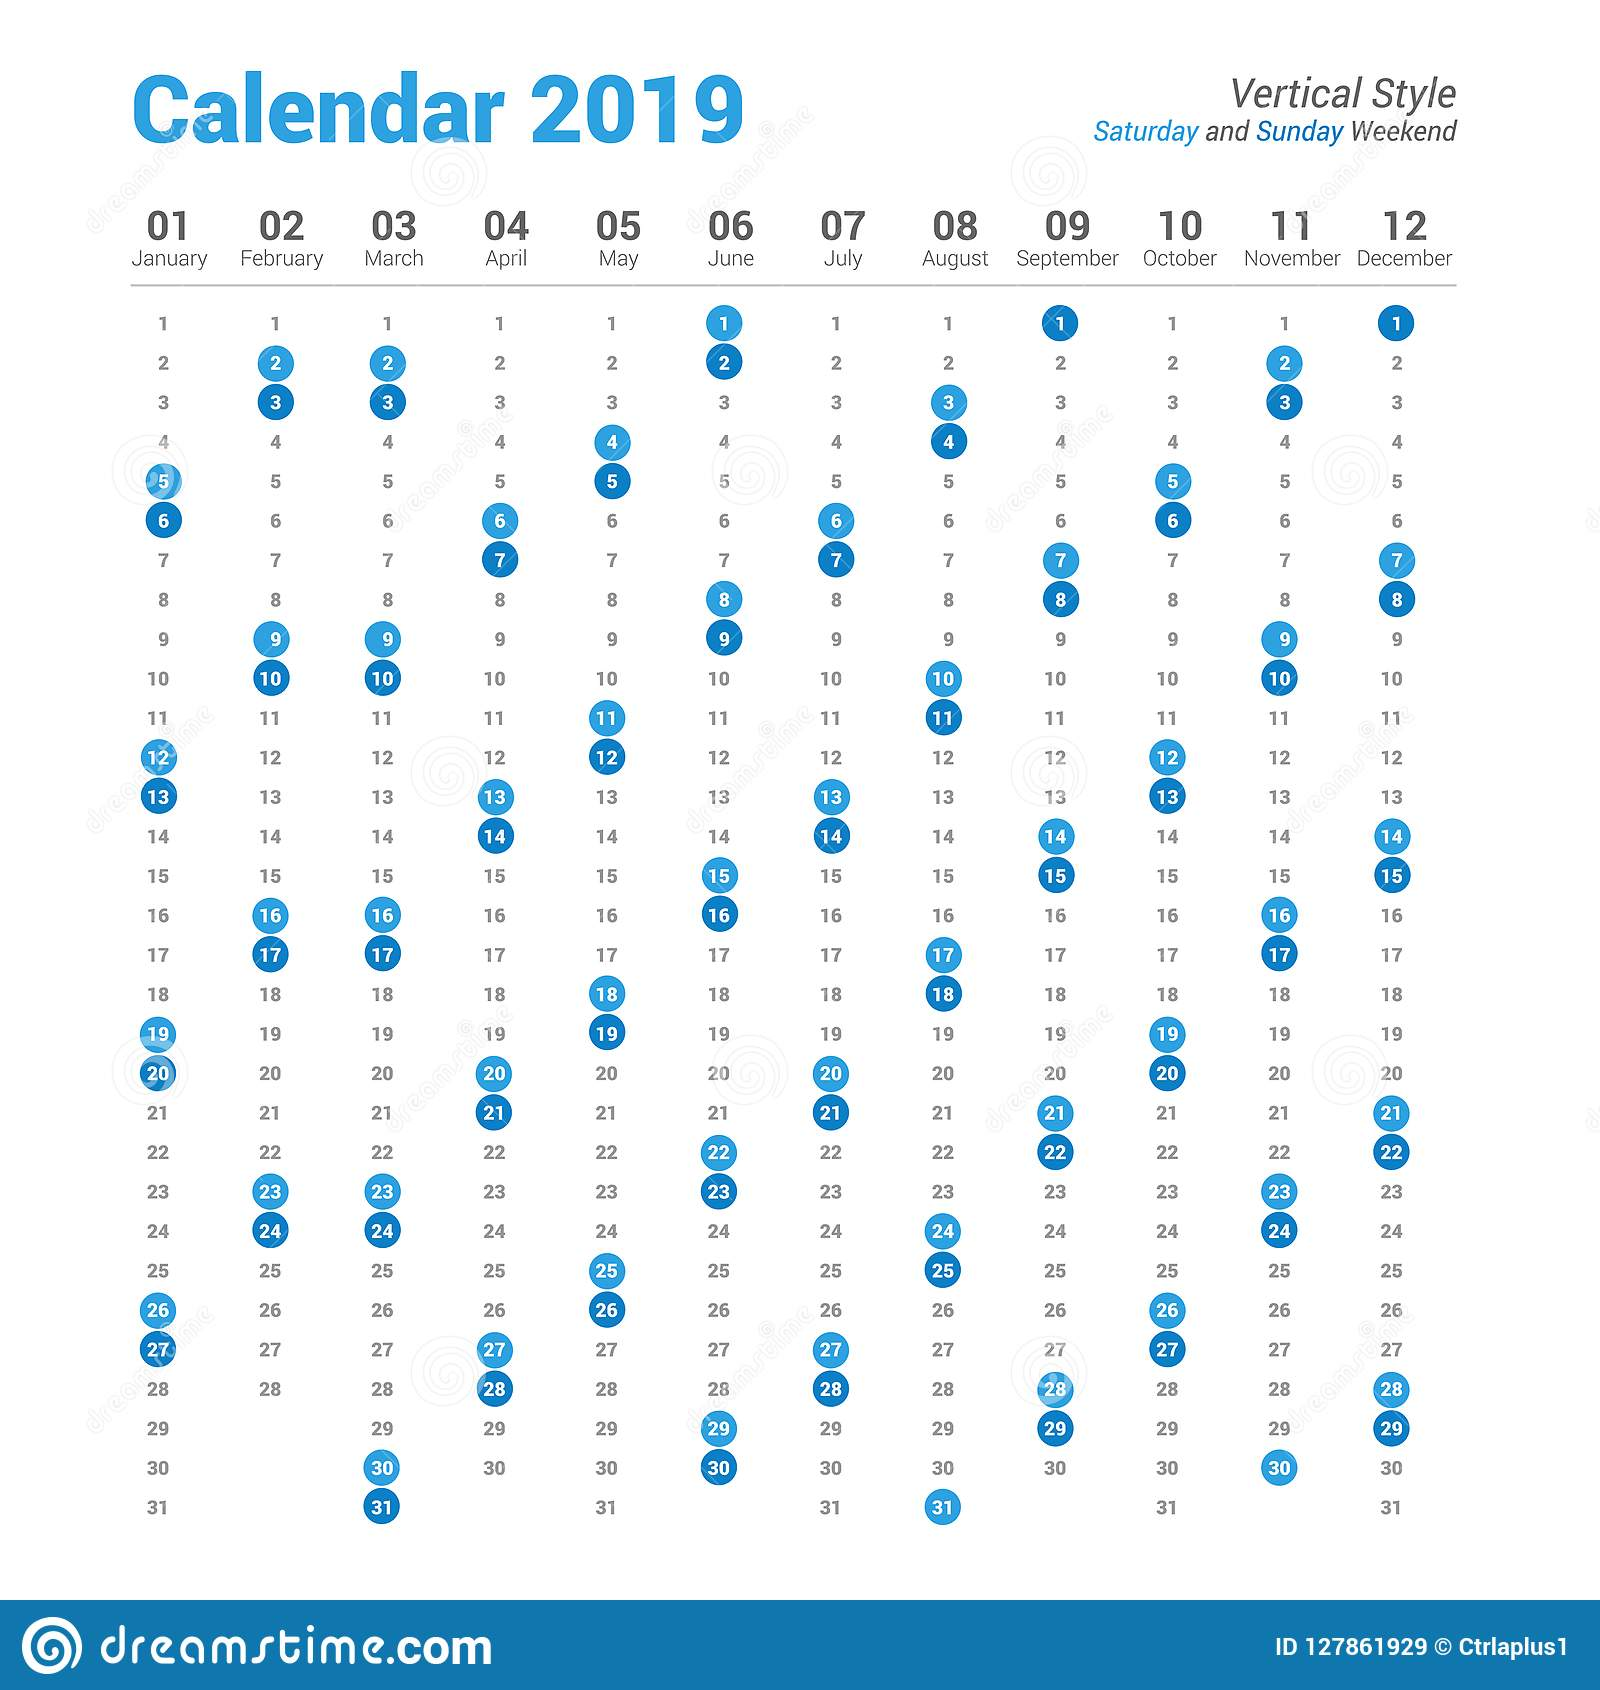 Calendario Fin De Semana 2019.Diseno Del Vector Del Calendario De La Vertical 2019 Fin De